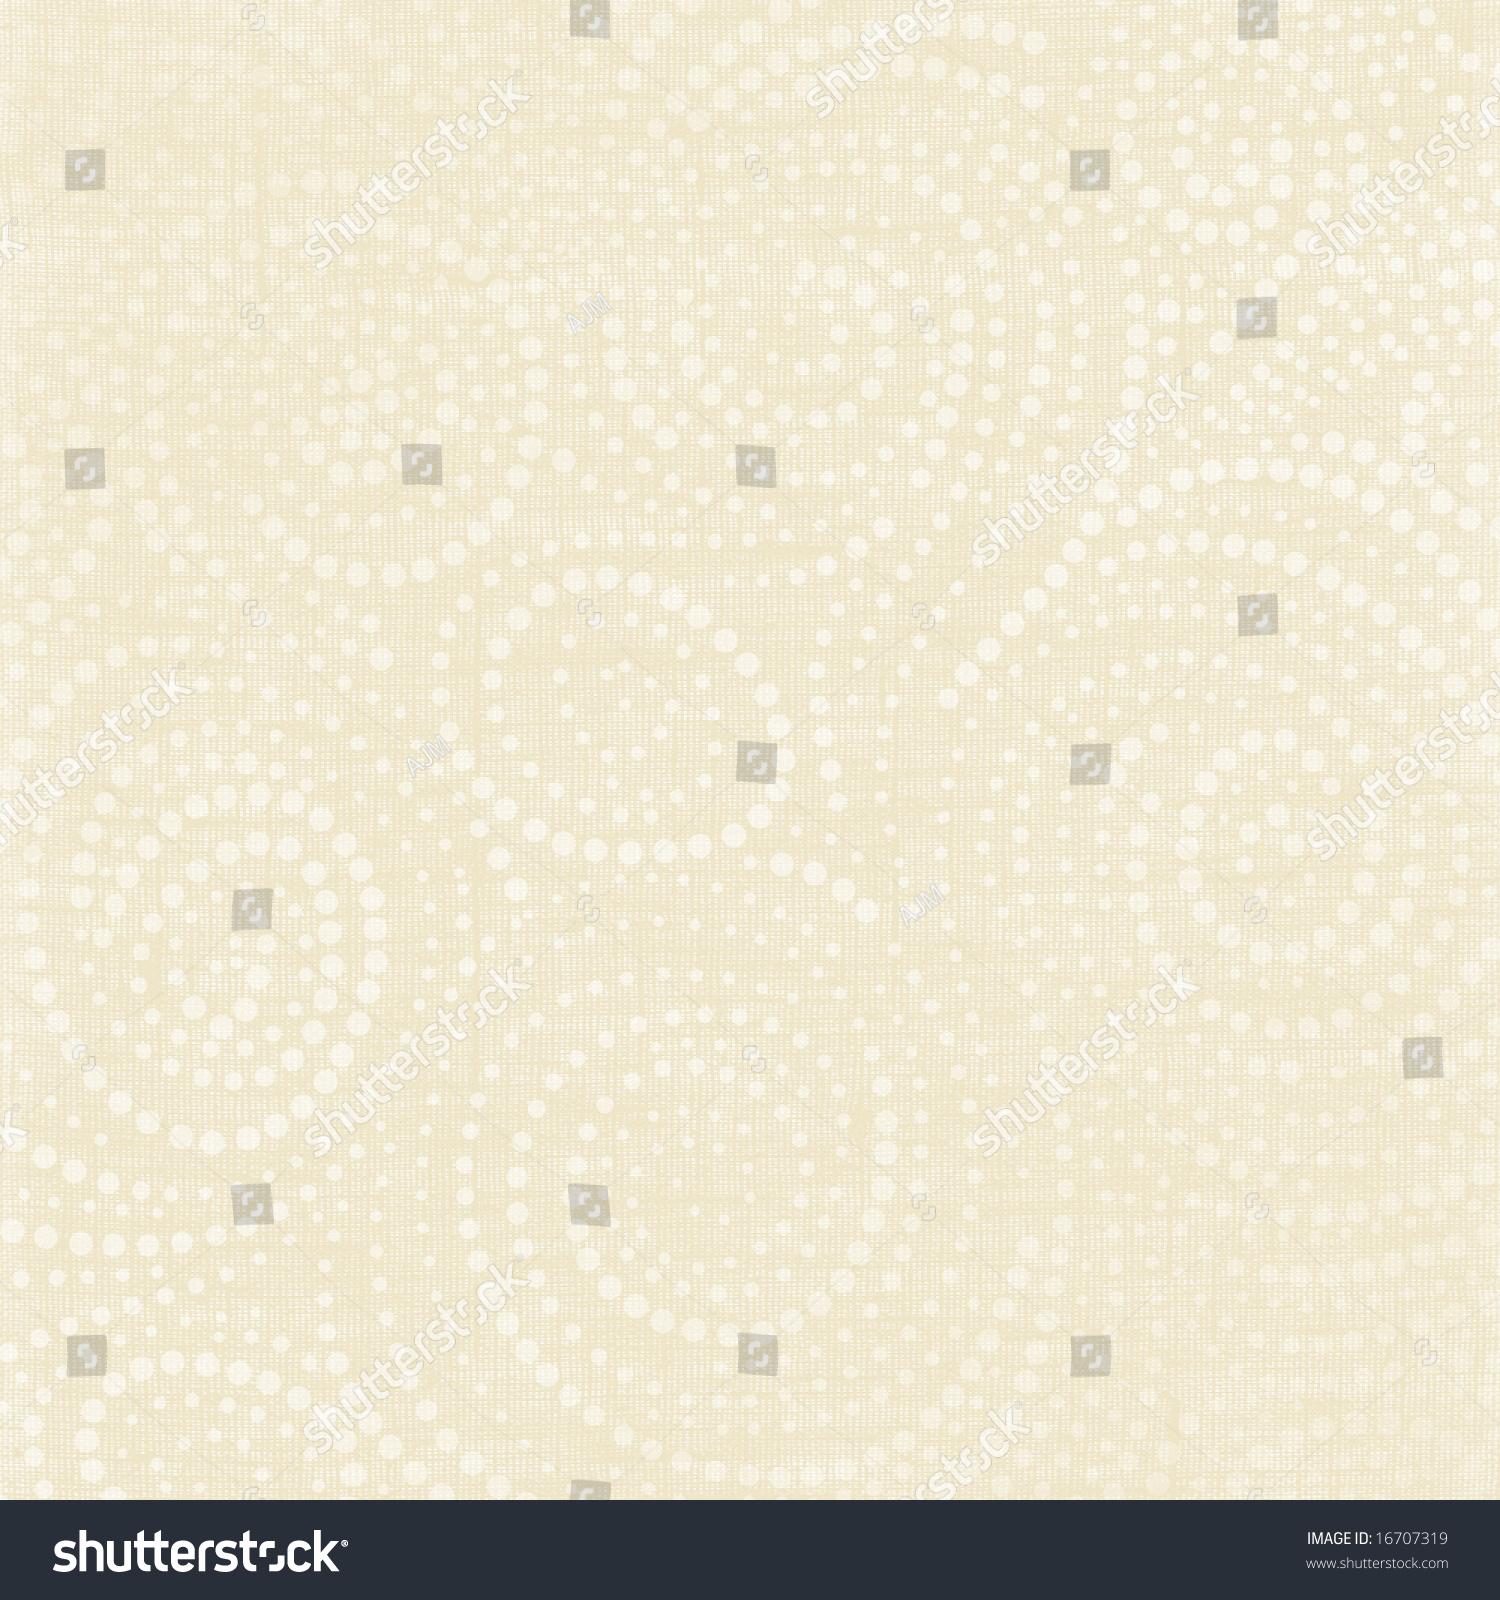 Cream Textured Paper Background